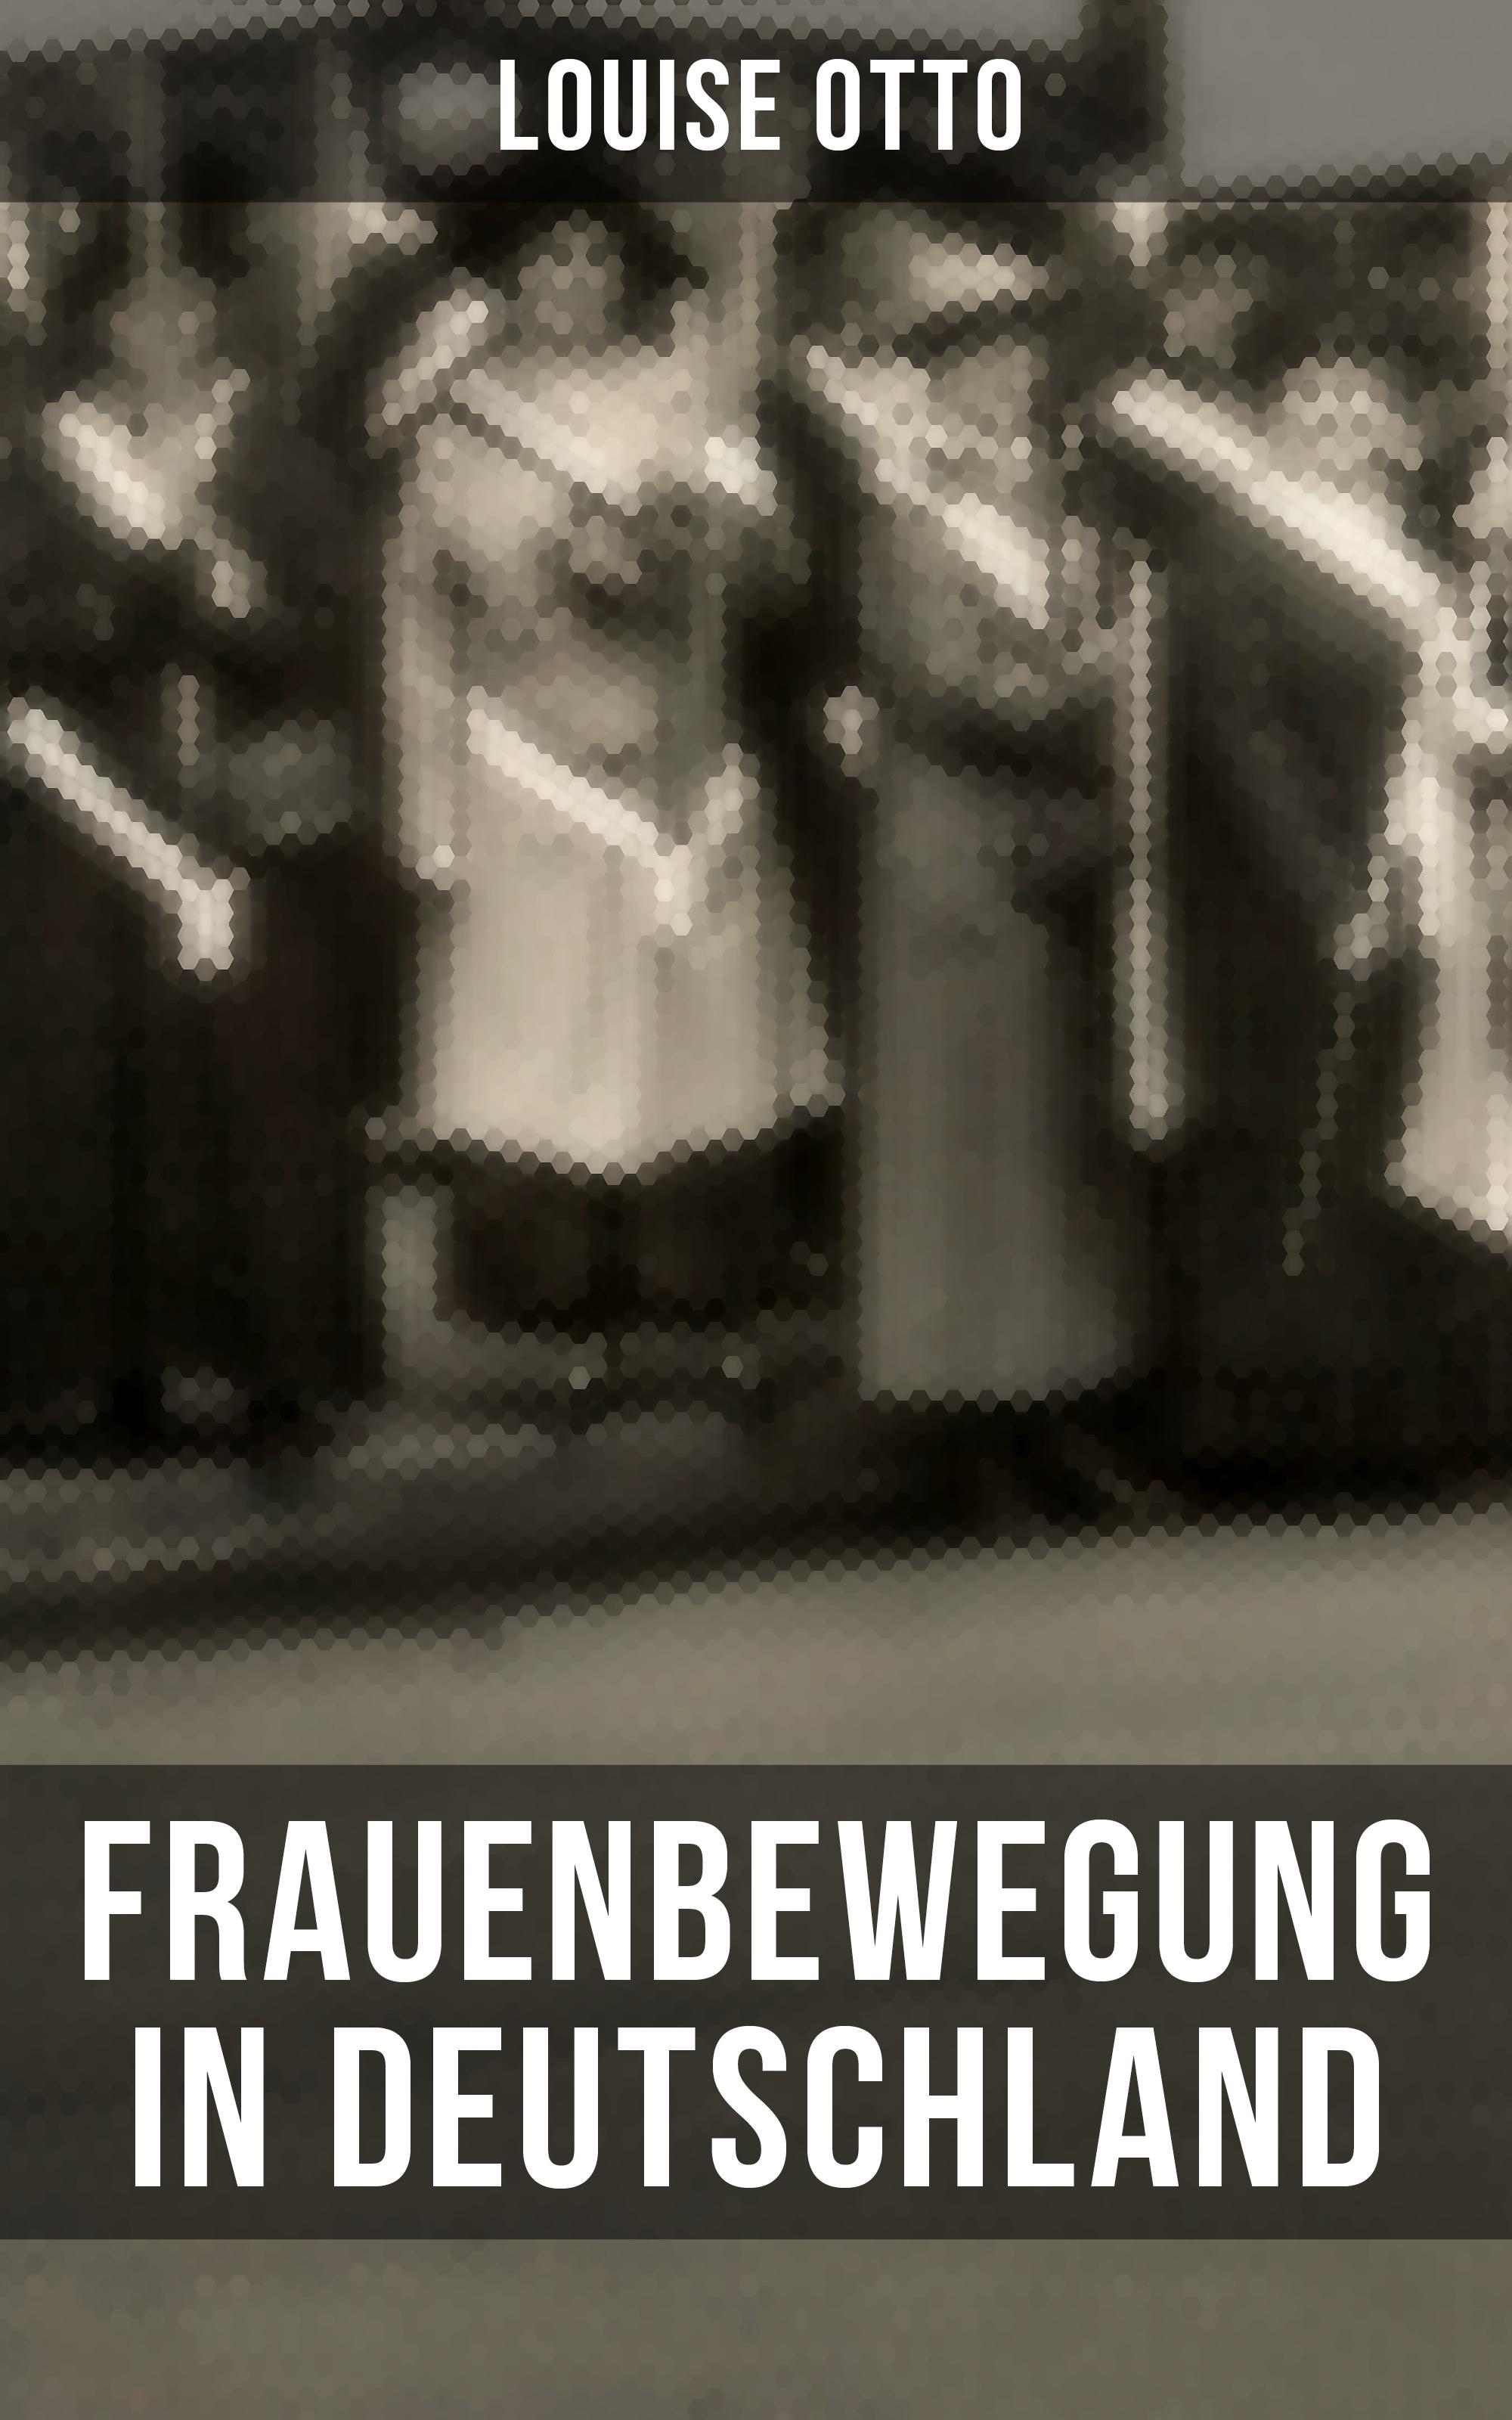 Louise Otto Louise Otto: Frauenbewegung in Deutschland louise otto nürnberg historischer roman